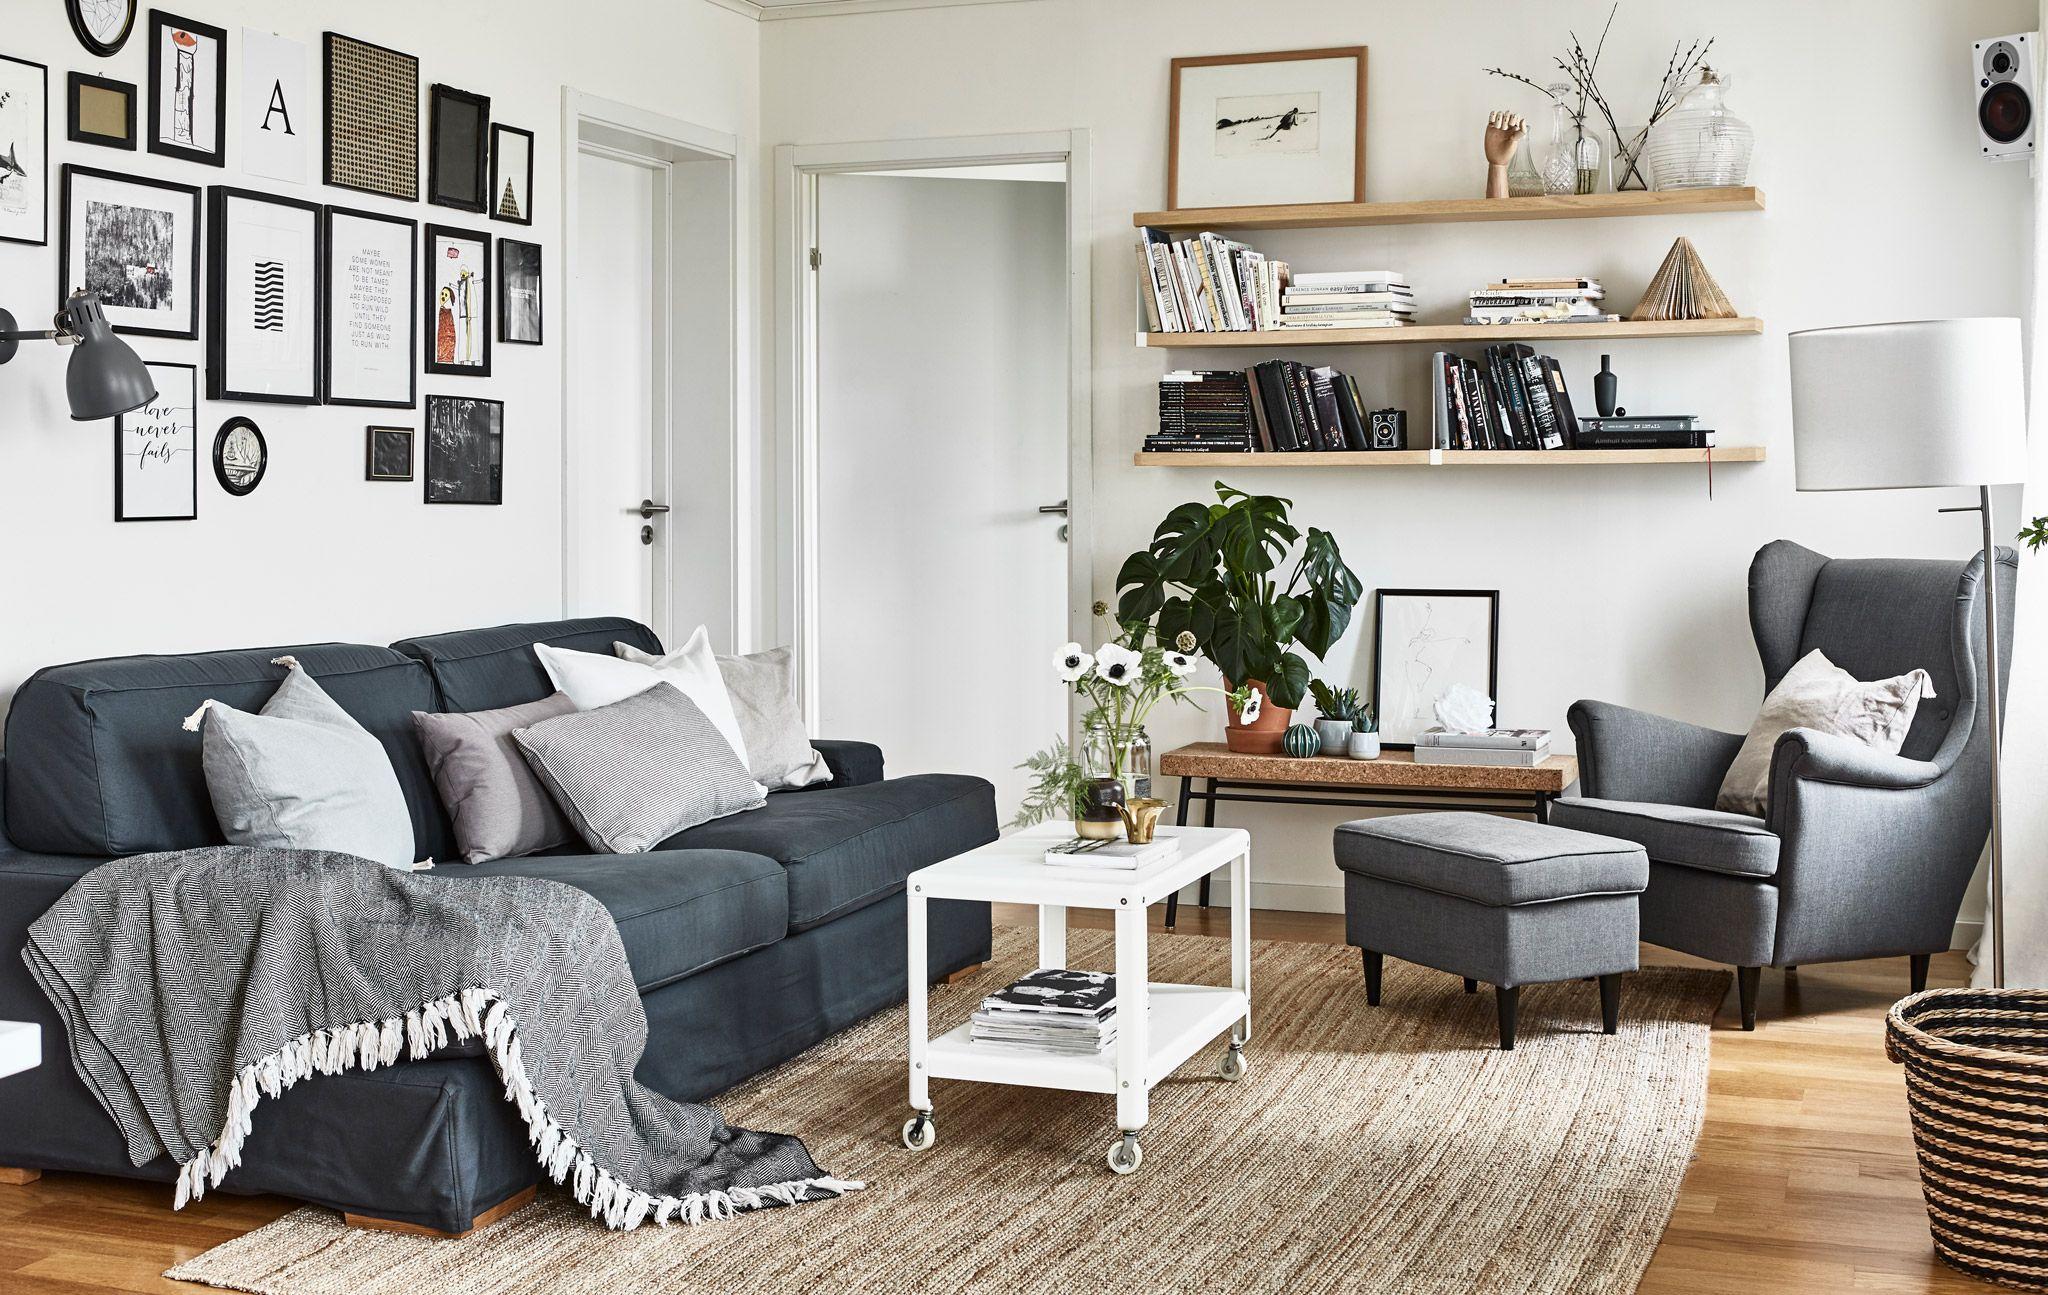 Divano Velluto Blu Ikea ikea salotti e divani